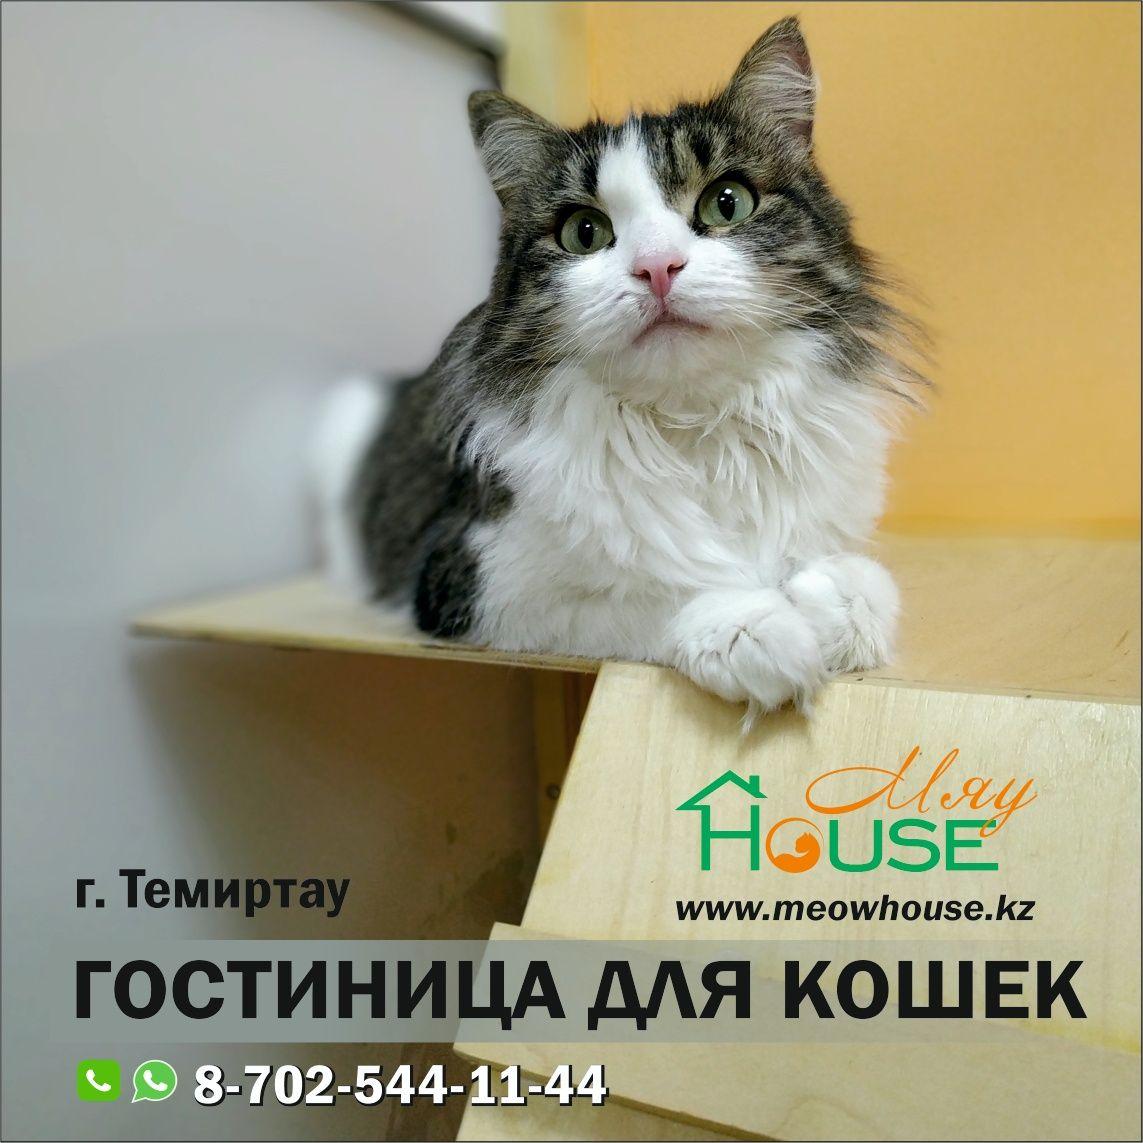 Гостиница для кошек. Передержка для домашних питомцев